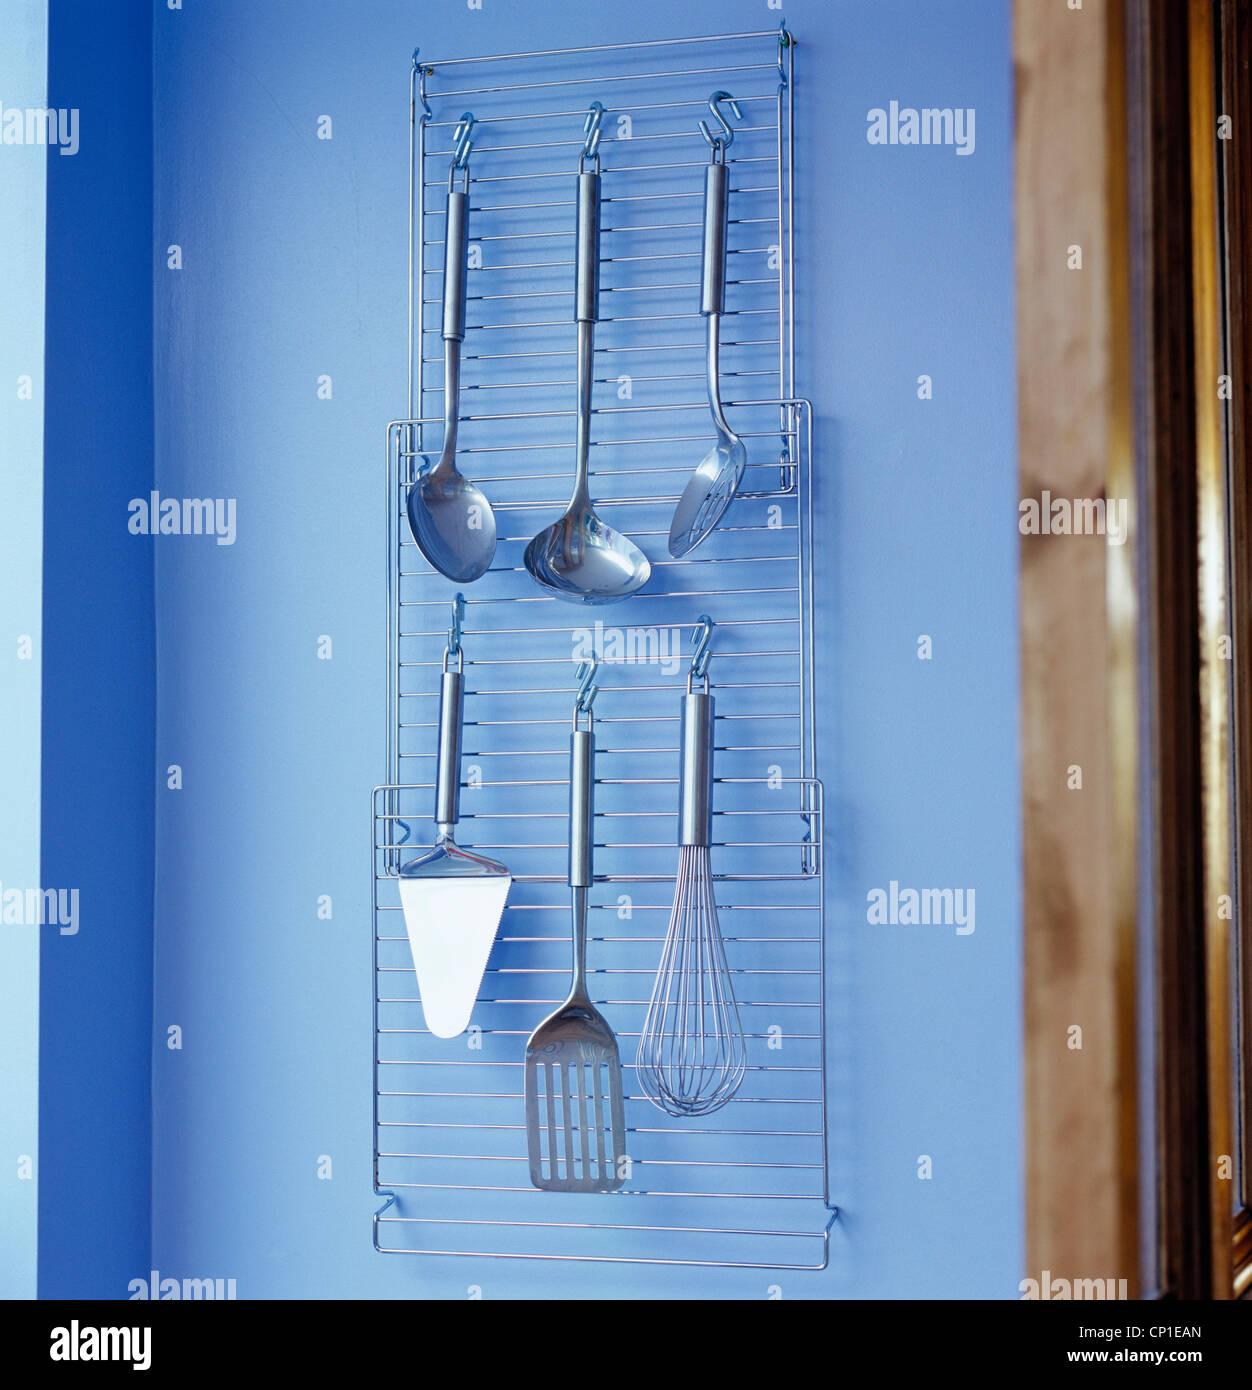 Kitchen Utensils On Rack Stock Photos & Kitchen Utensils On Rack ...